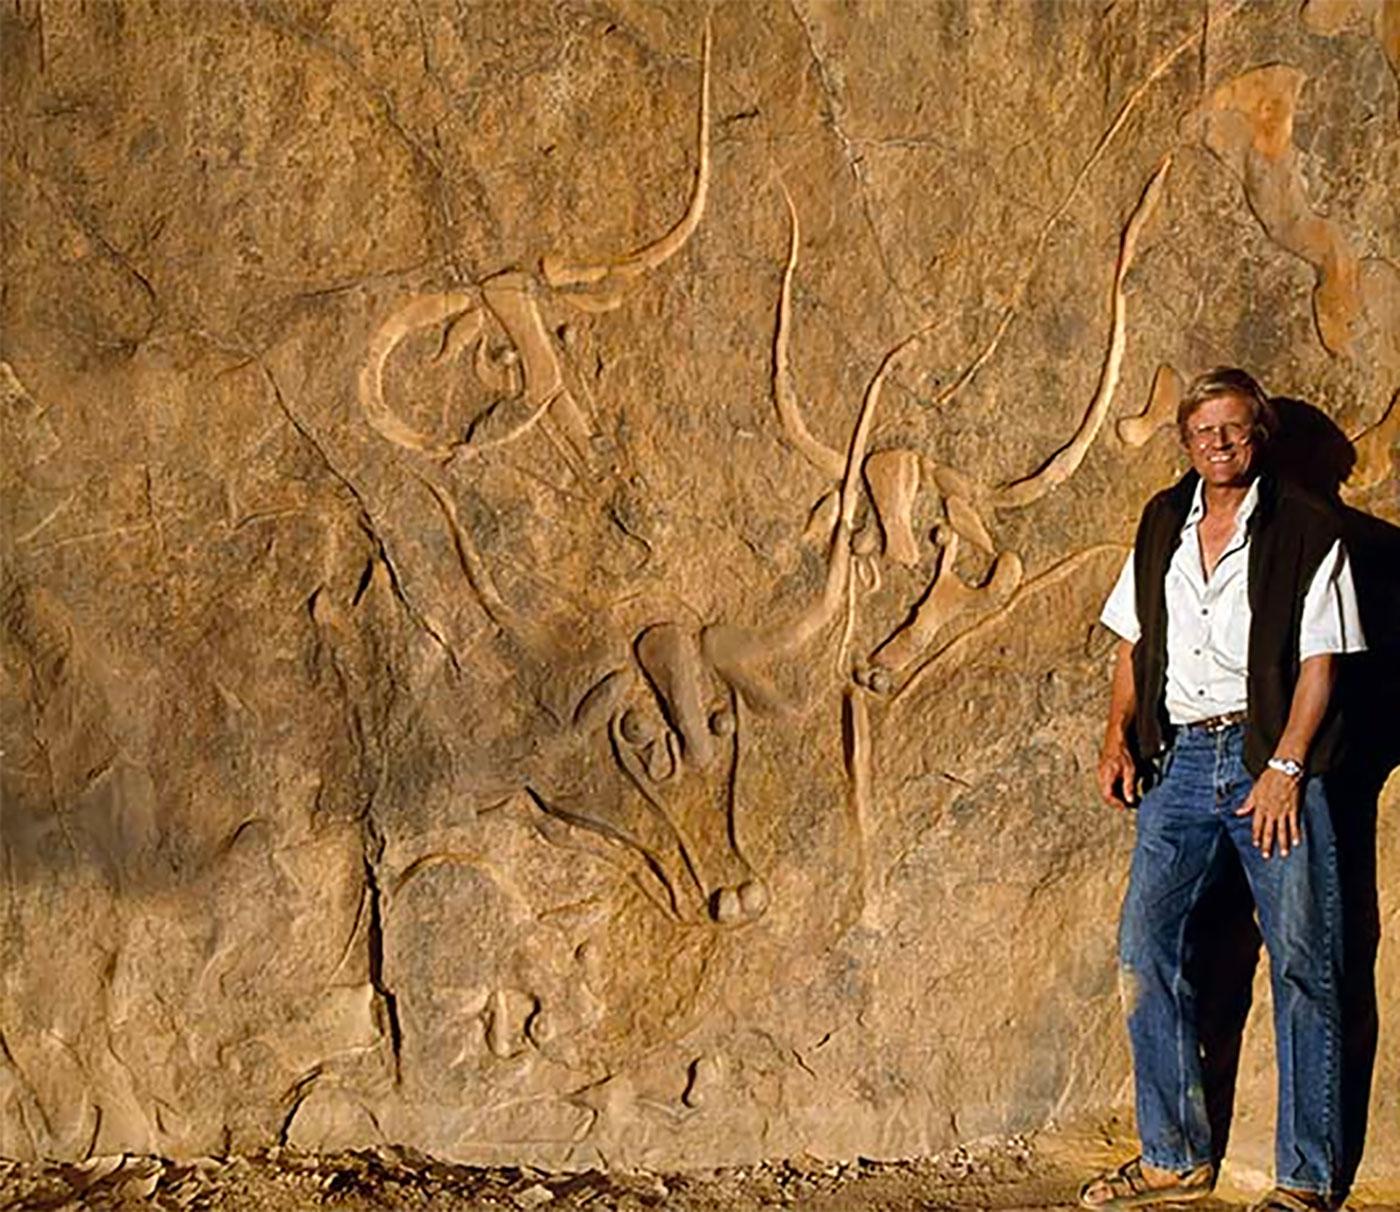 David Coulson,Crying Cows,Algerian Sahara